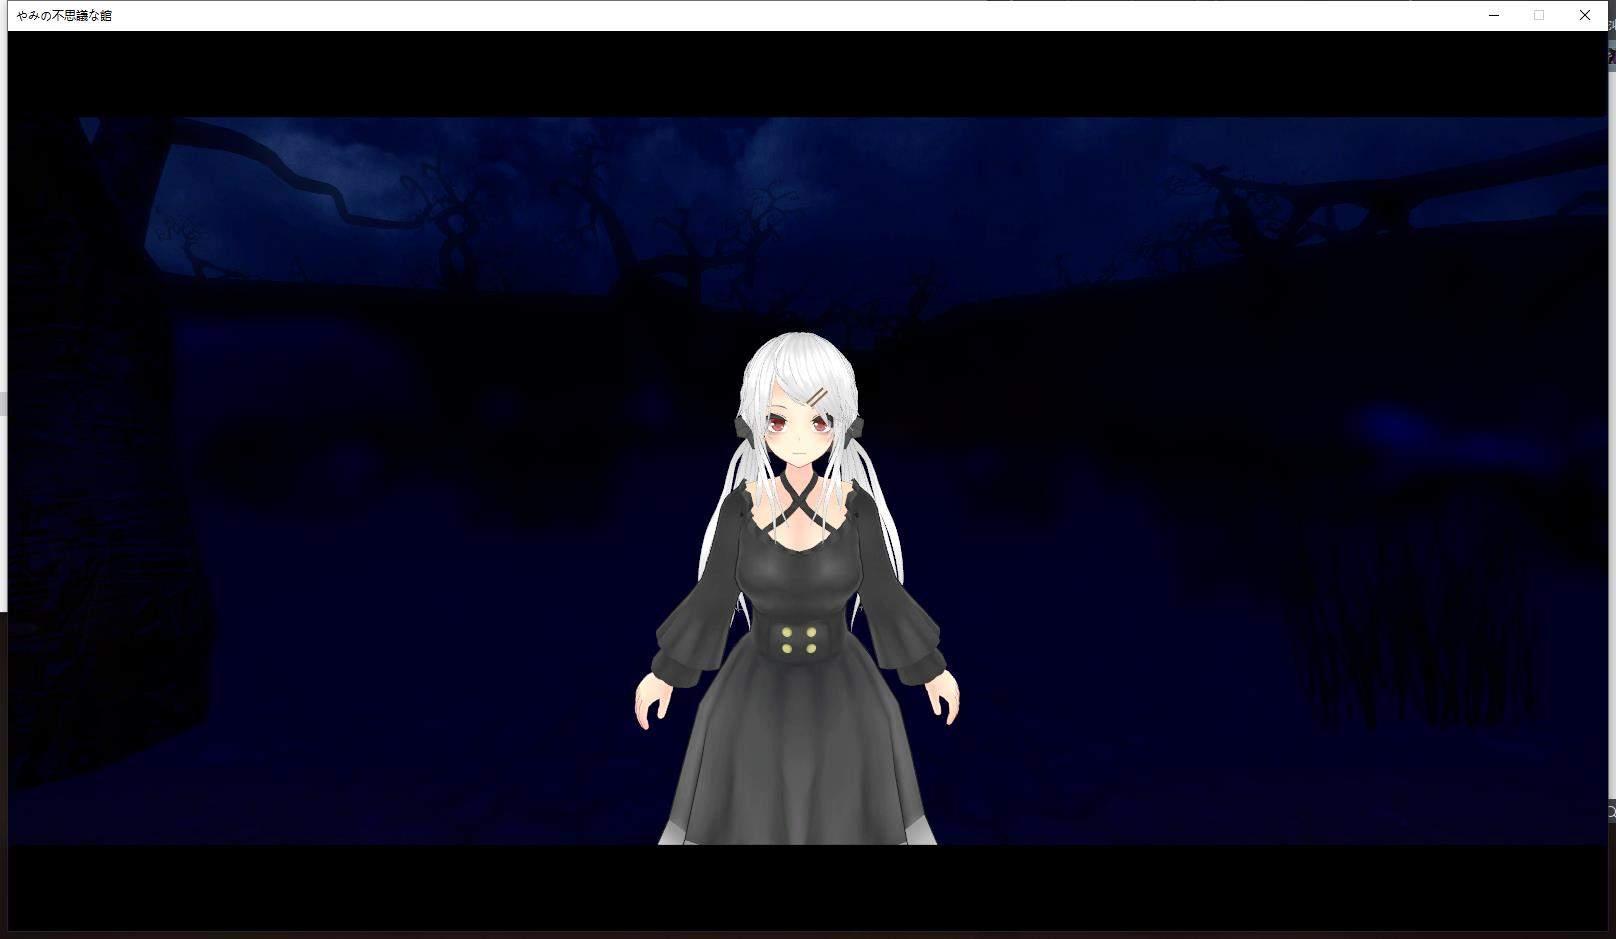 黑暗的不可思议之馆 V1.30 DL完整正式版 电脑端-第3张